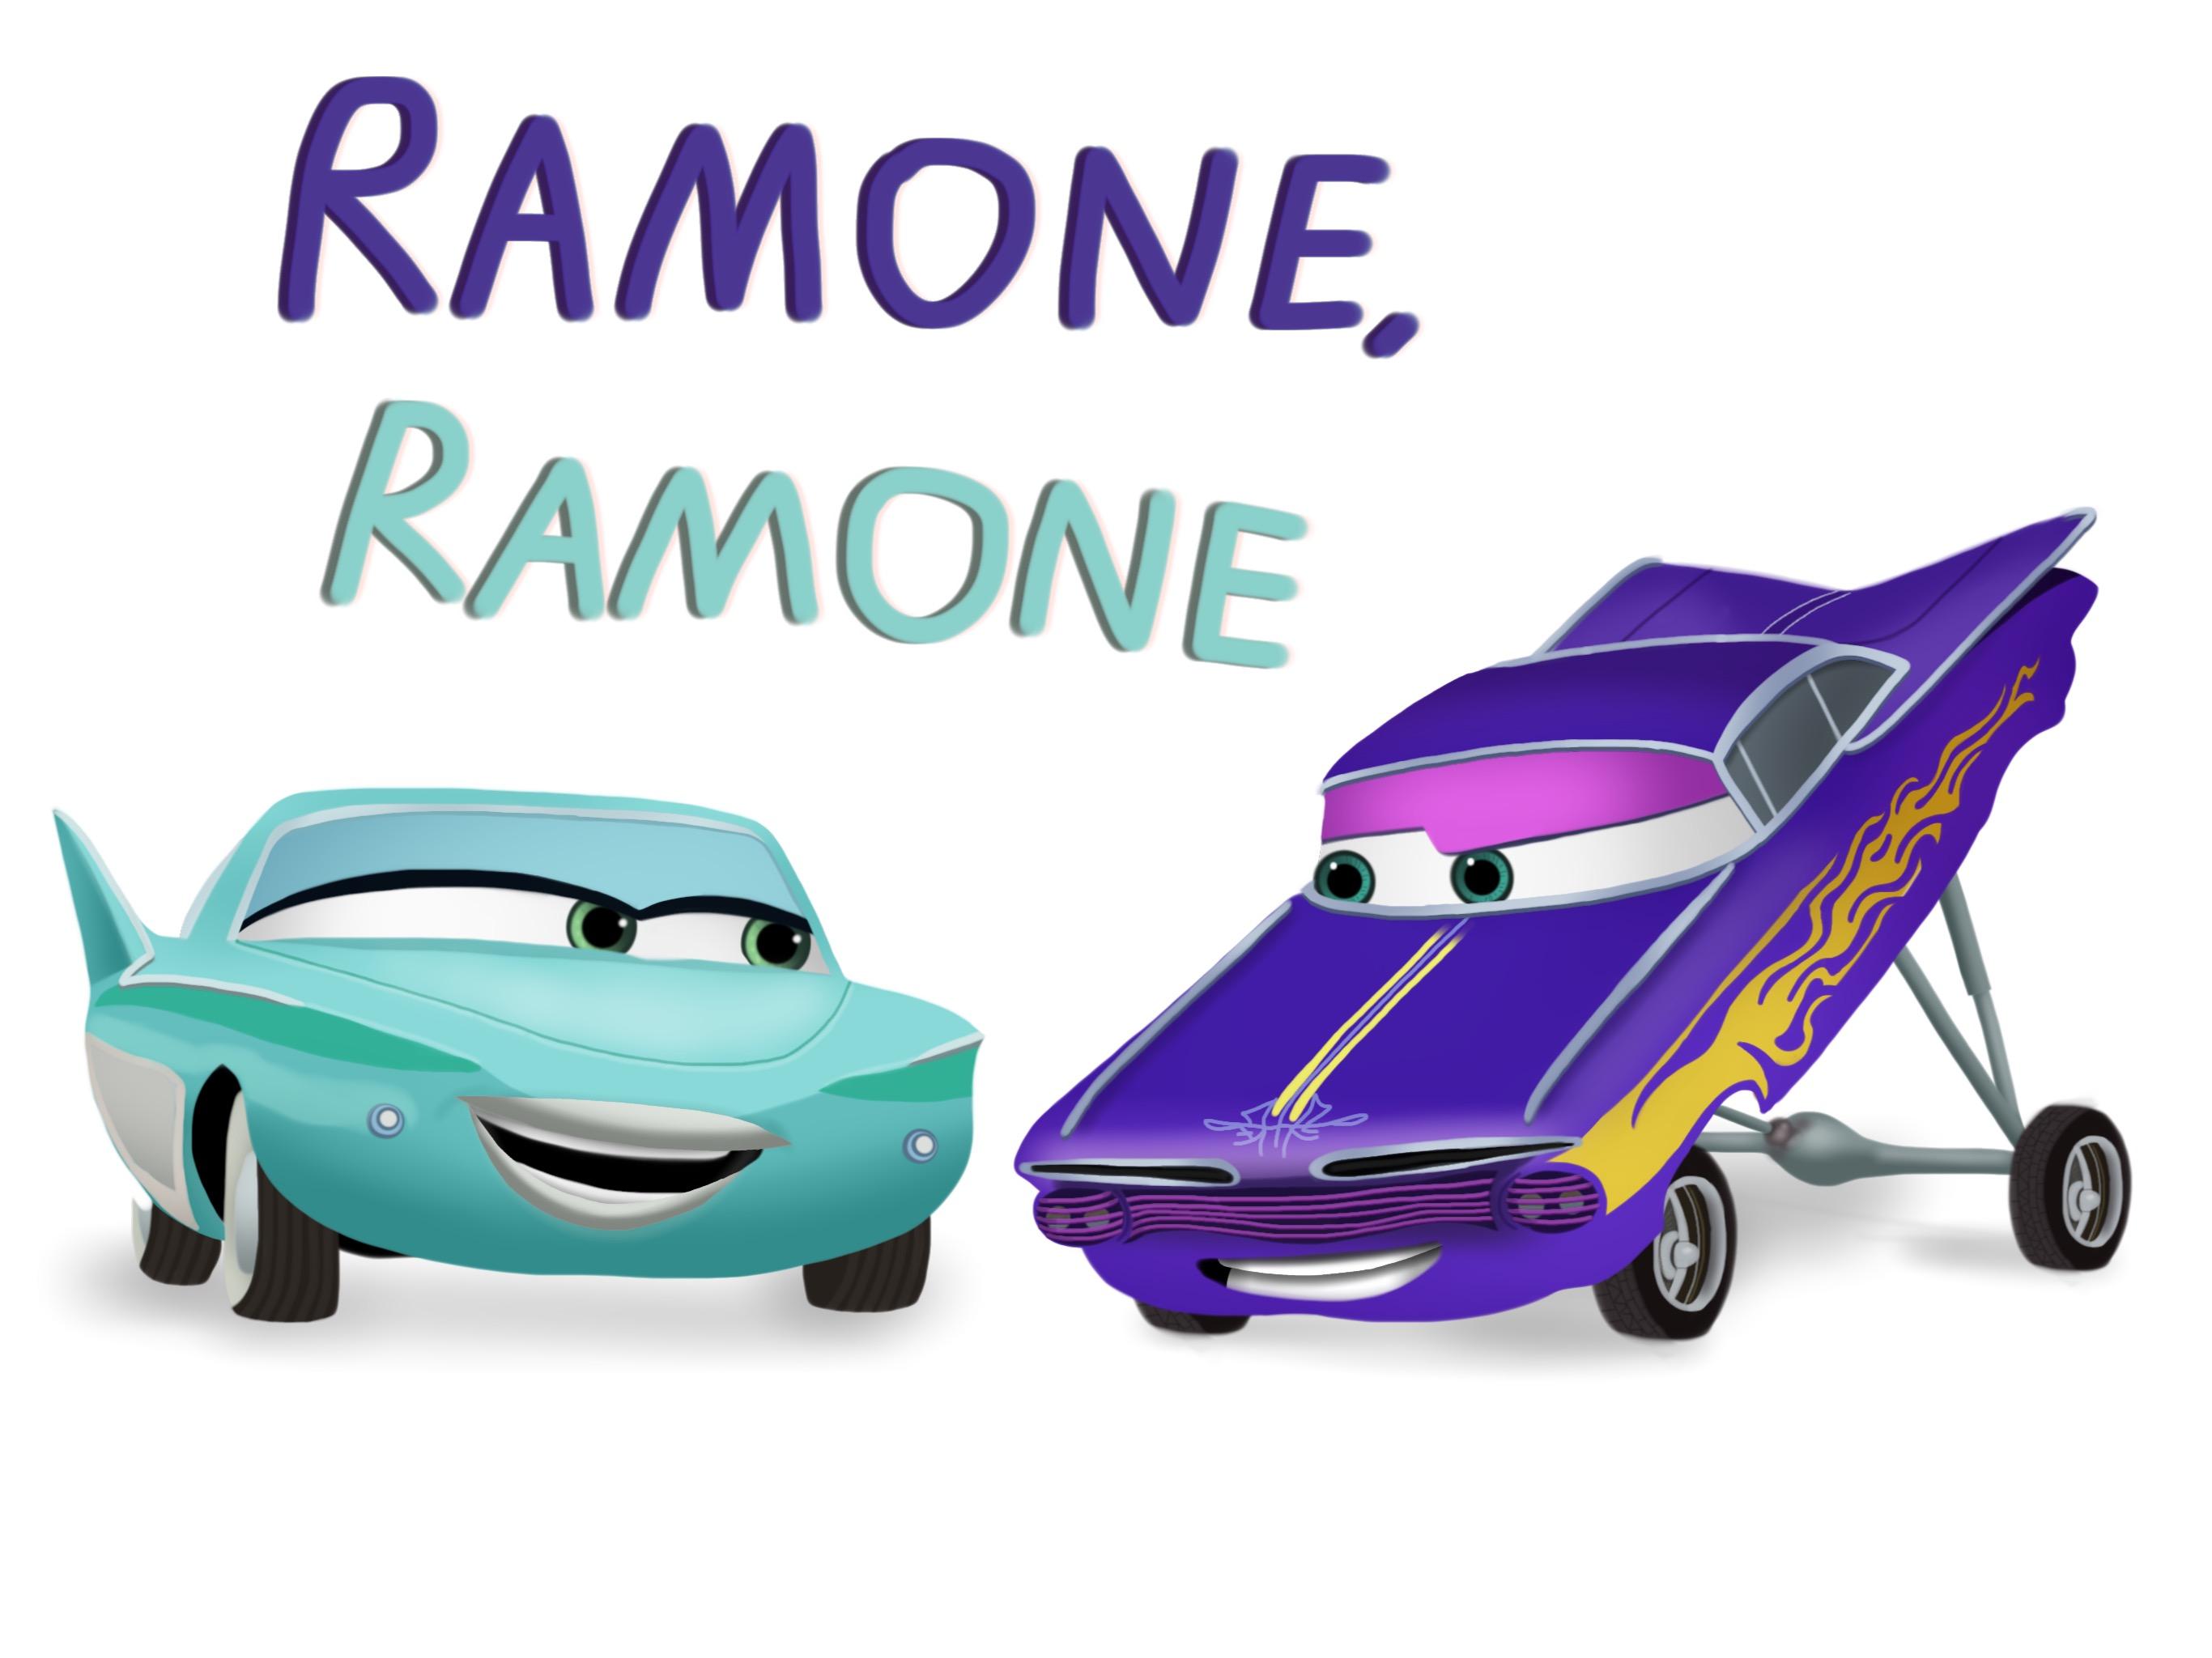 Ramone Ramone By Justsomepainter11 On Deviantart